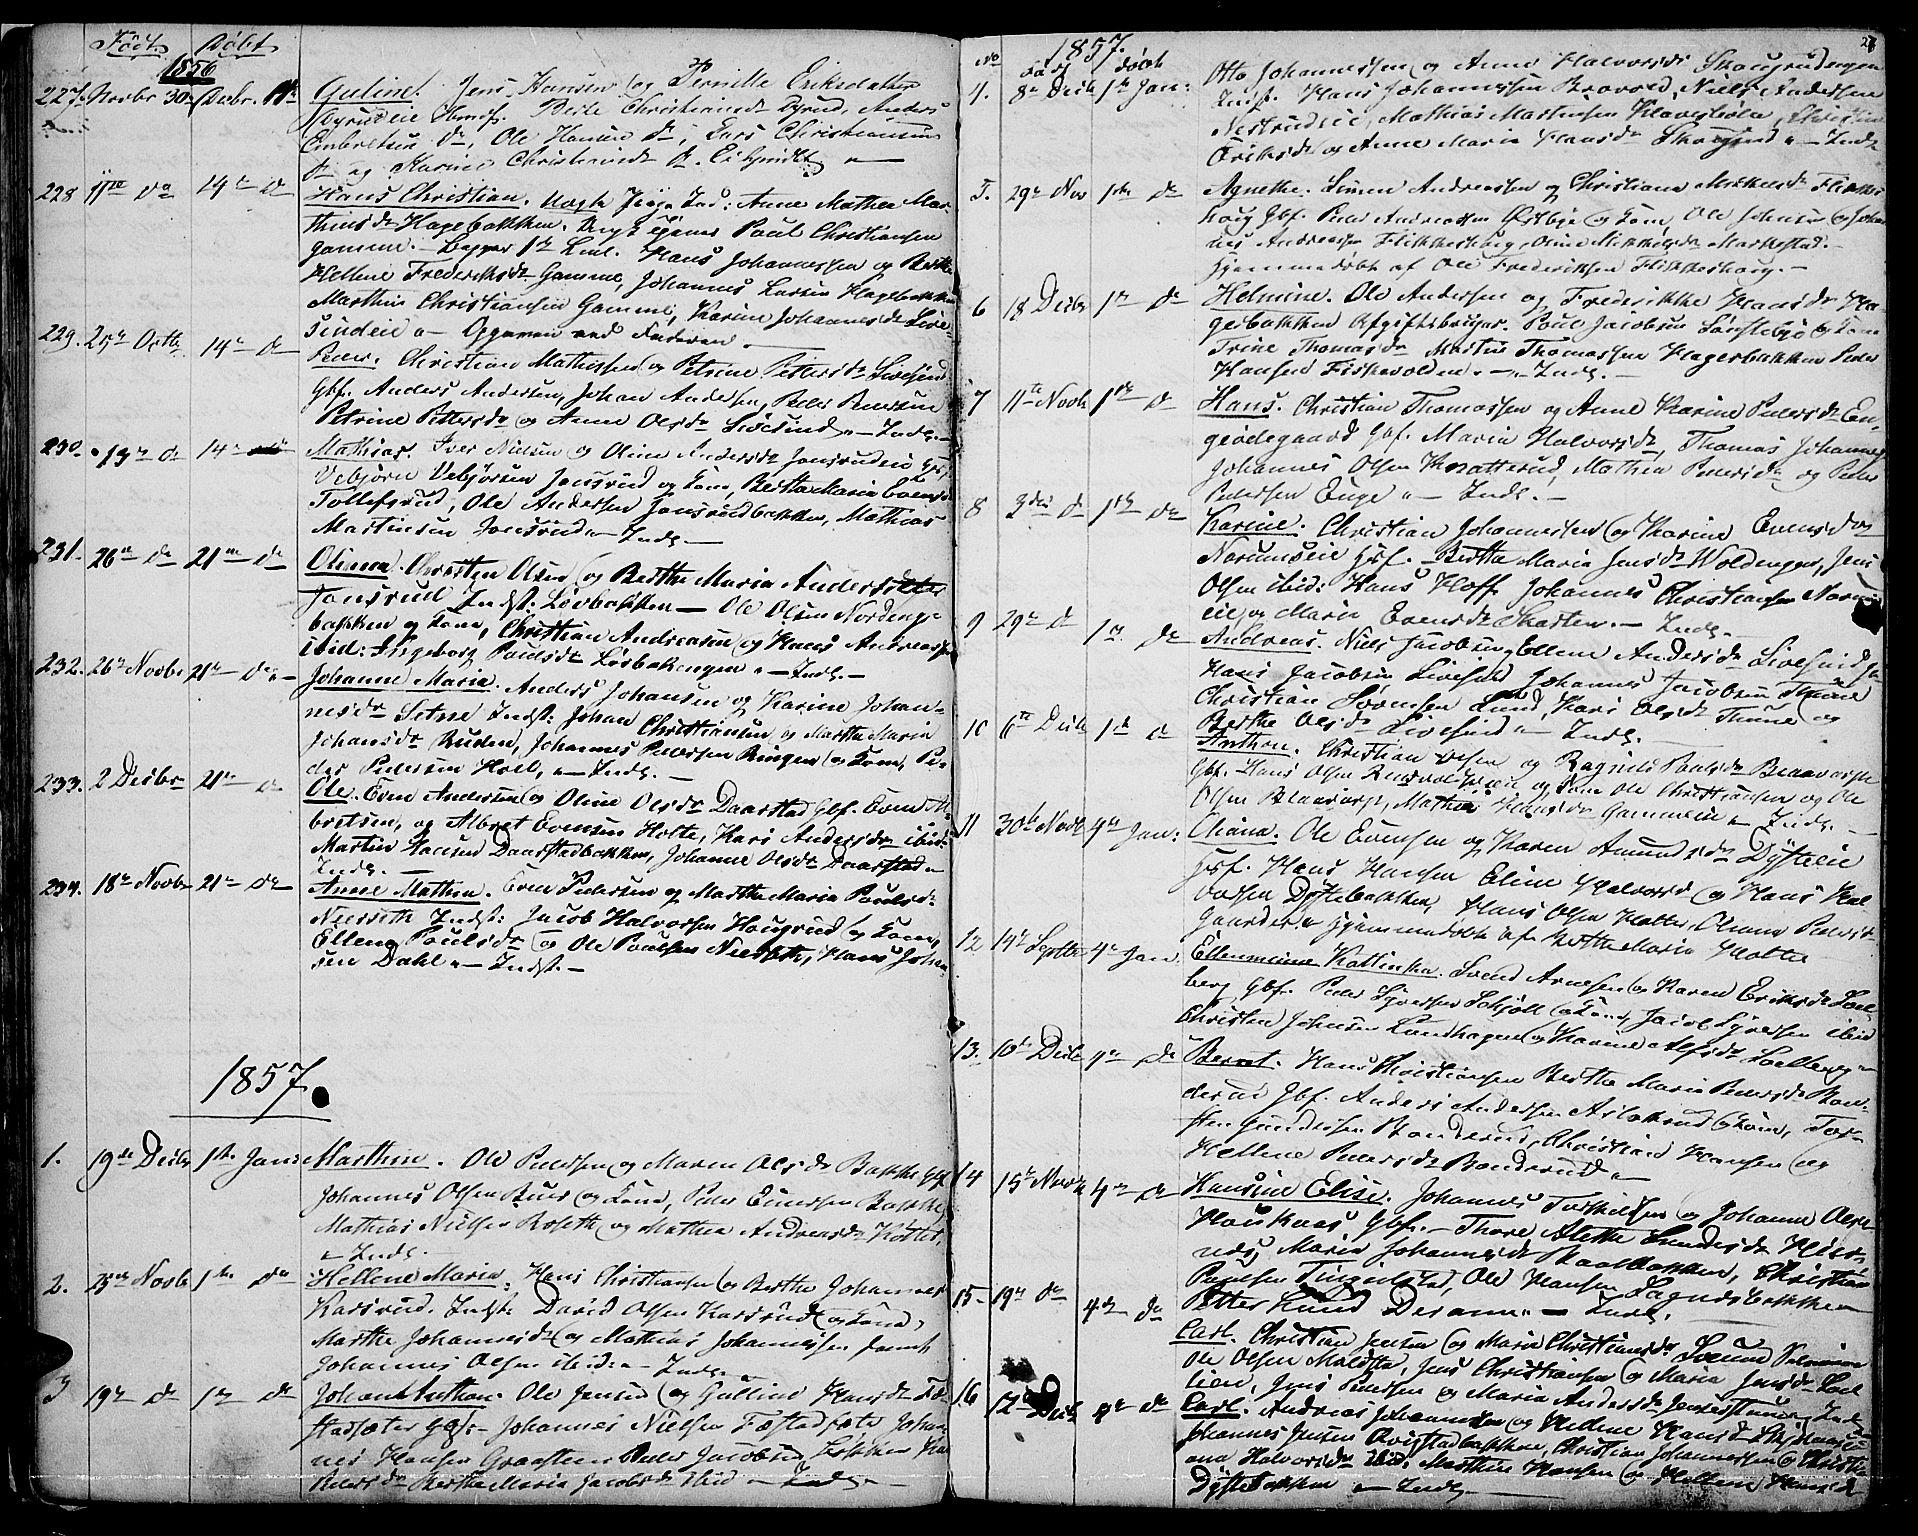 SAH, Vestre Toten prestekontor, Klokkerbok nr. 5, 1854-1870, s. 27